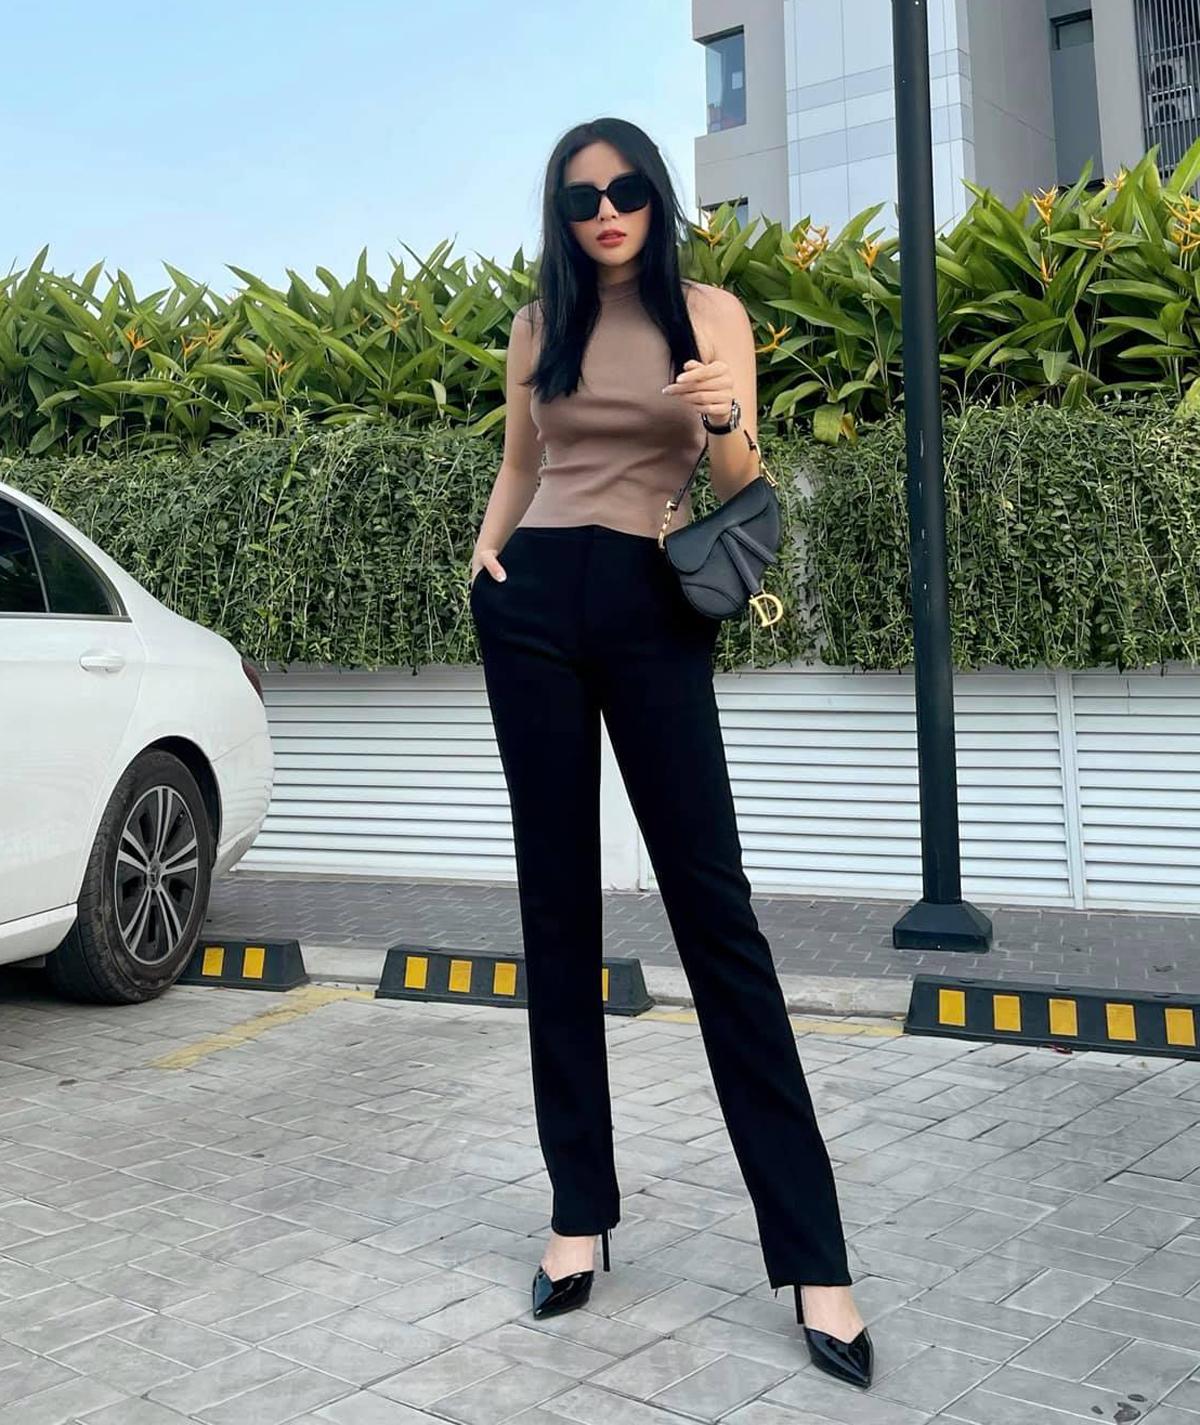 Kỳ Duyên có sẵn chân dài, dáng chuẩn nên không cần mix cầu kỳ vẫn nổi bật. Hoa hậu thần thái ngút ngàn trên phố chỉ với tanktop dệt kim và quần suông đen.